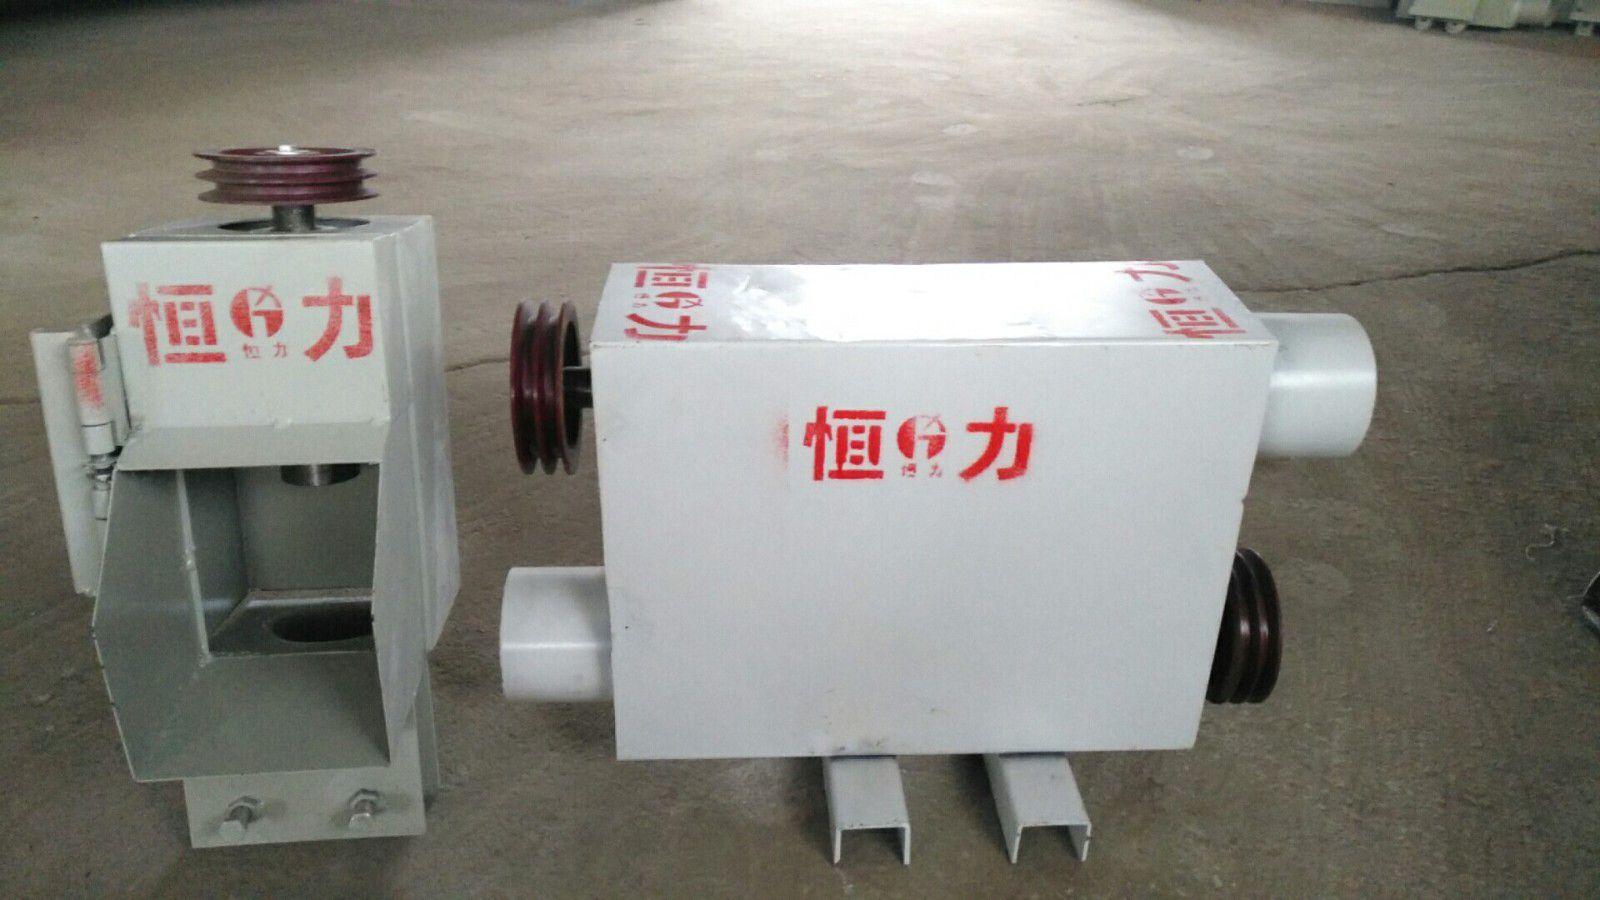 黑龙江省大庆市萨尔图区人工小型吸粮机产品